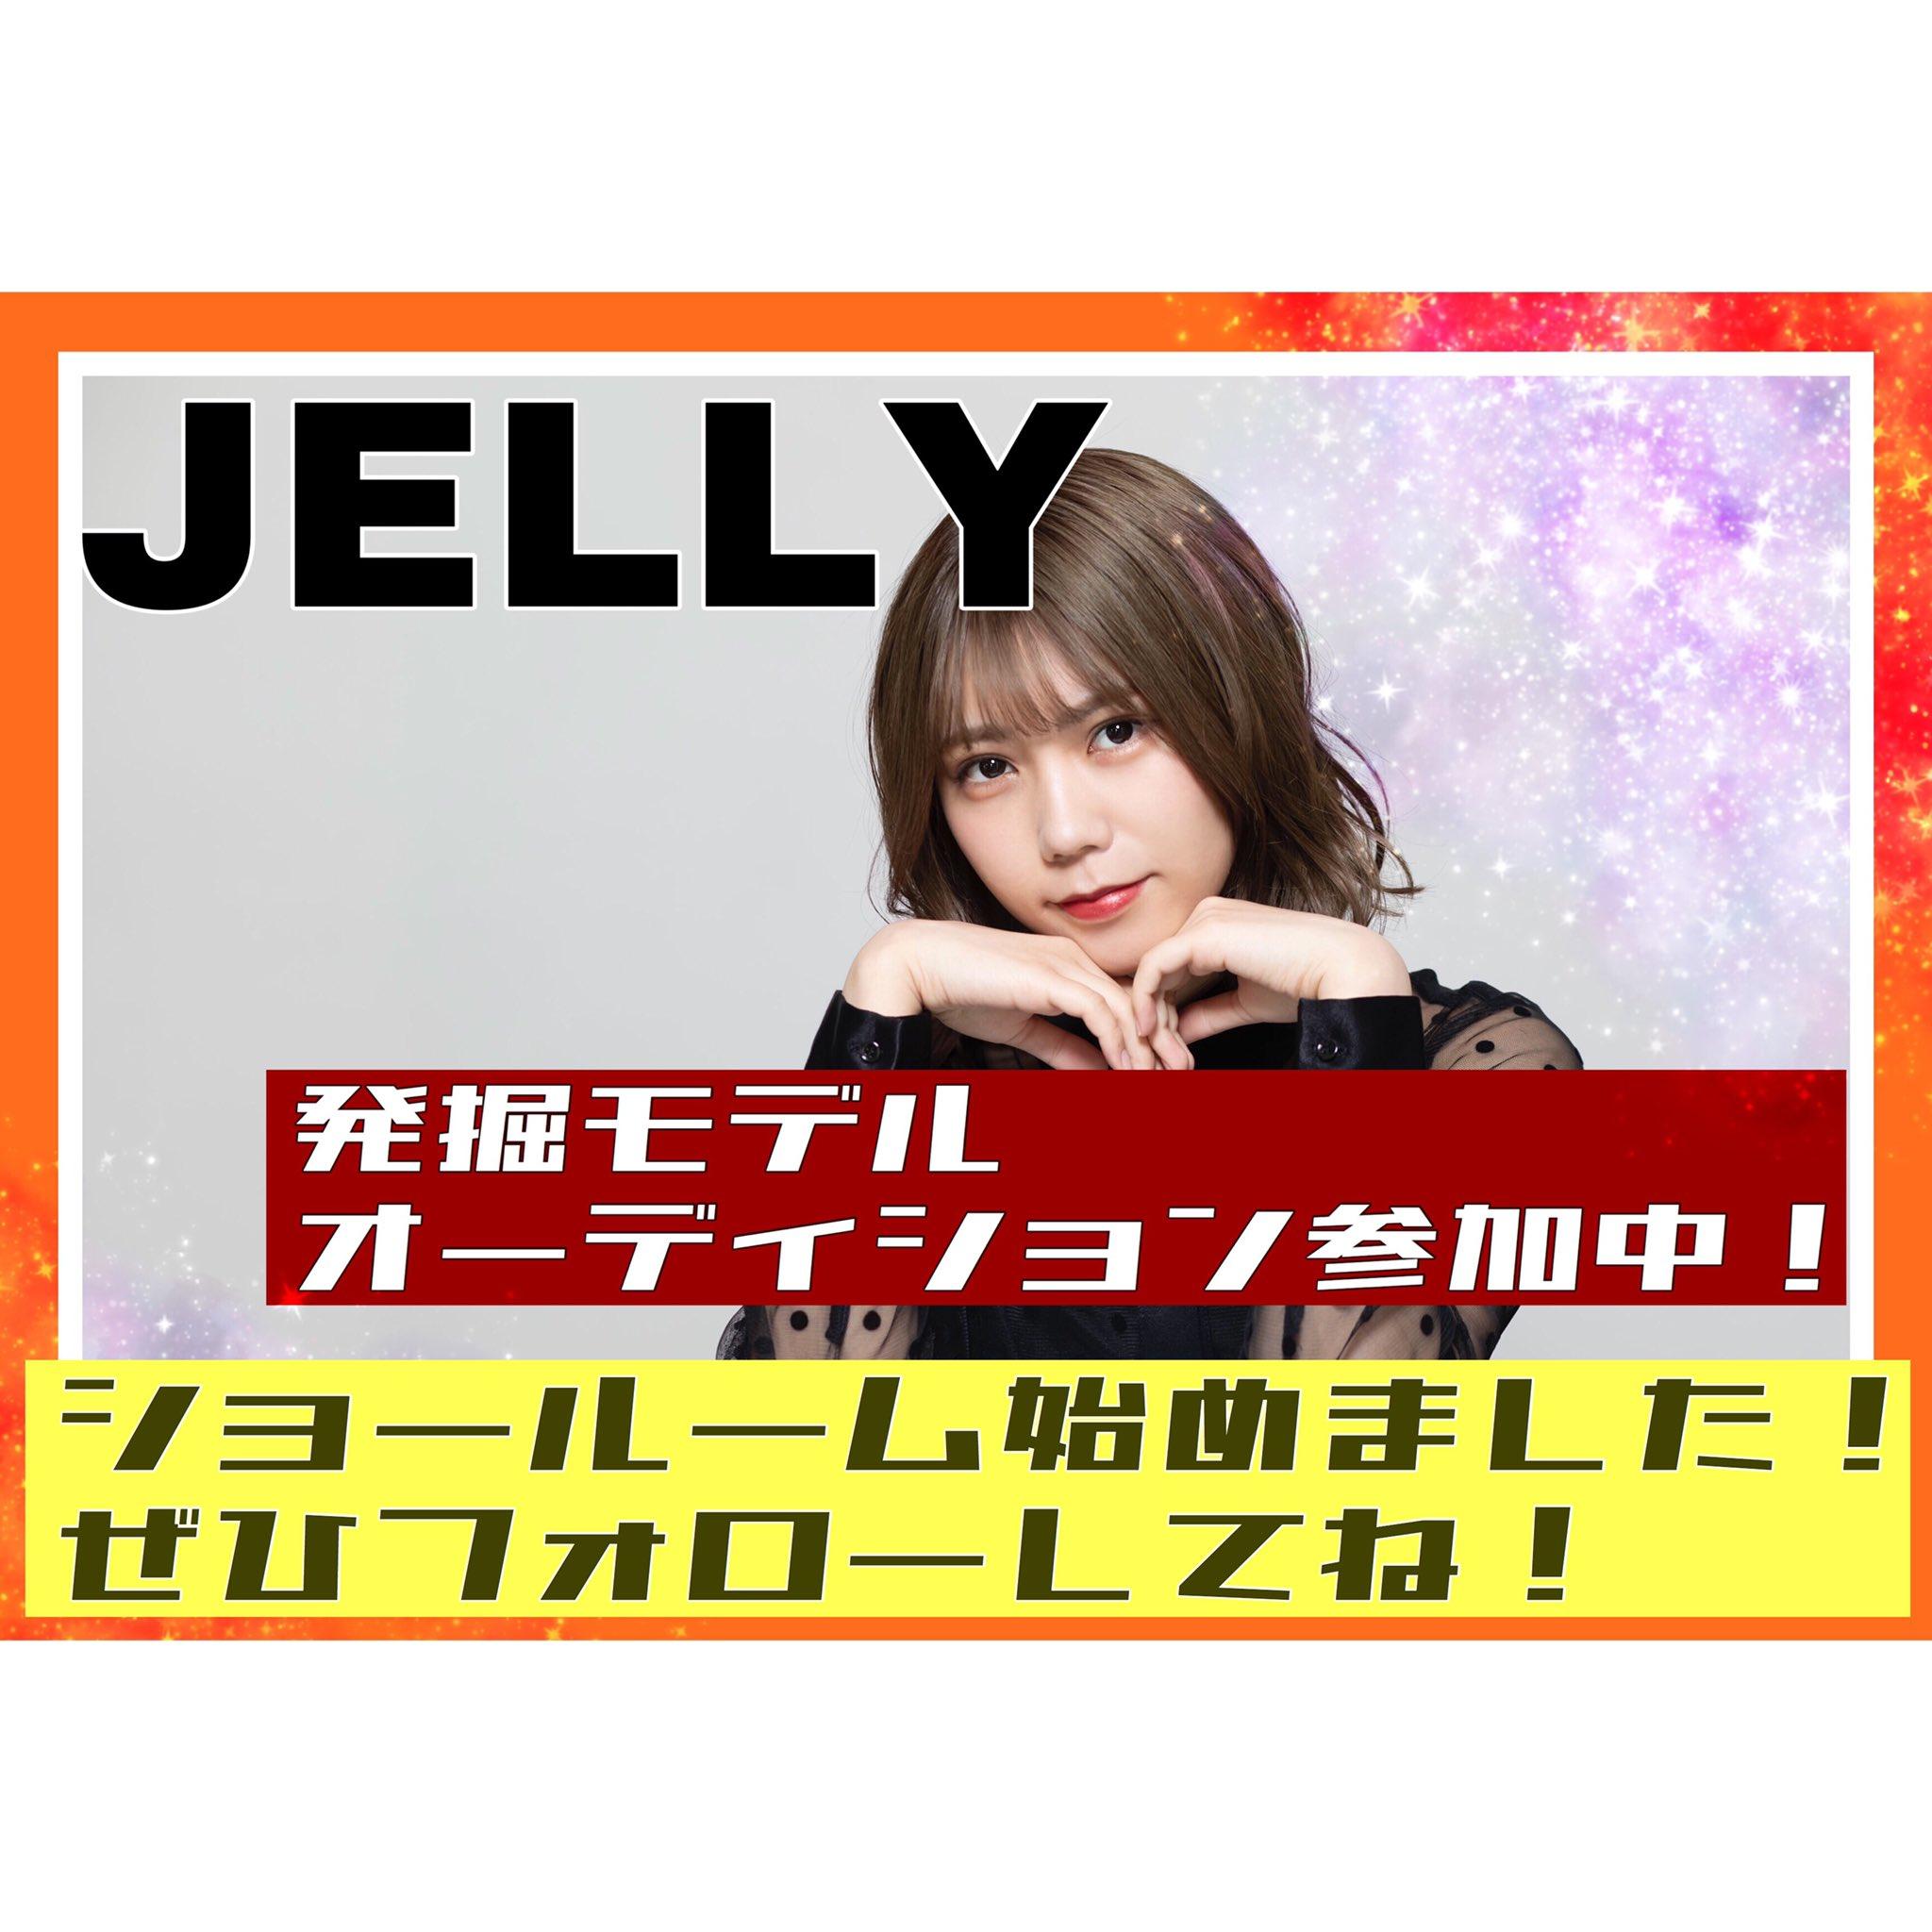 川後陽菜 JELLY専属モデル発掘オーディション